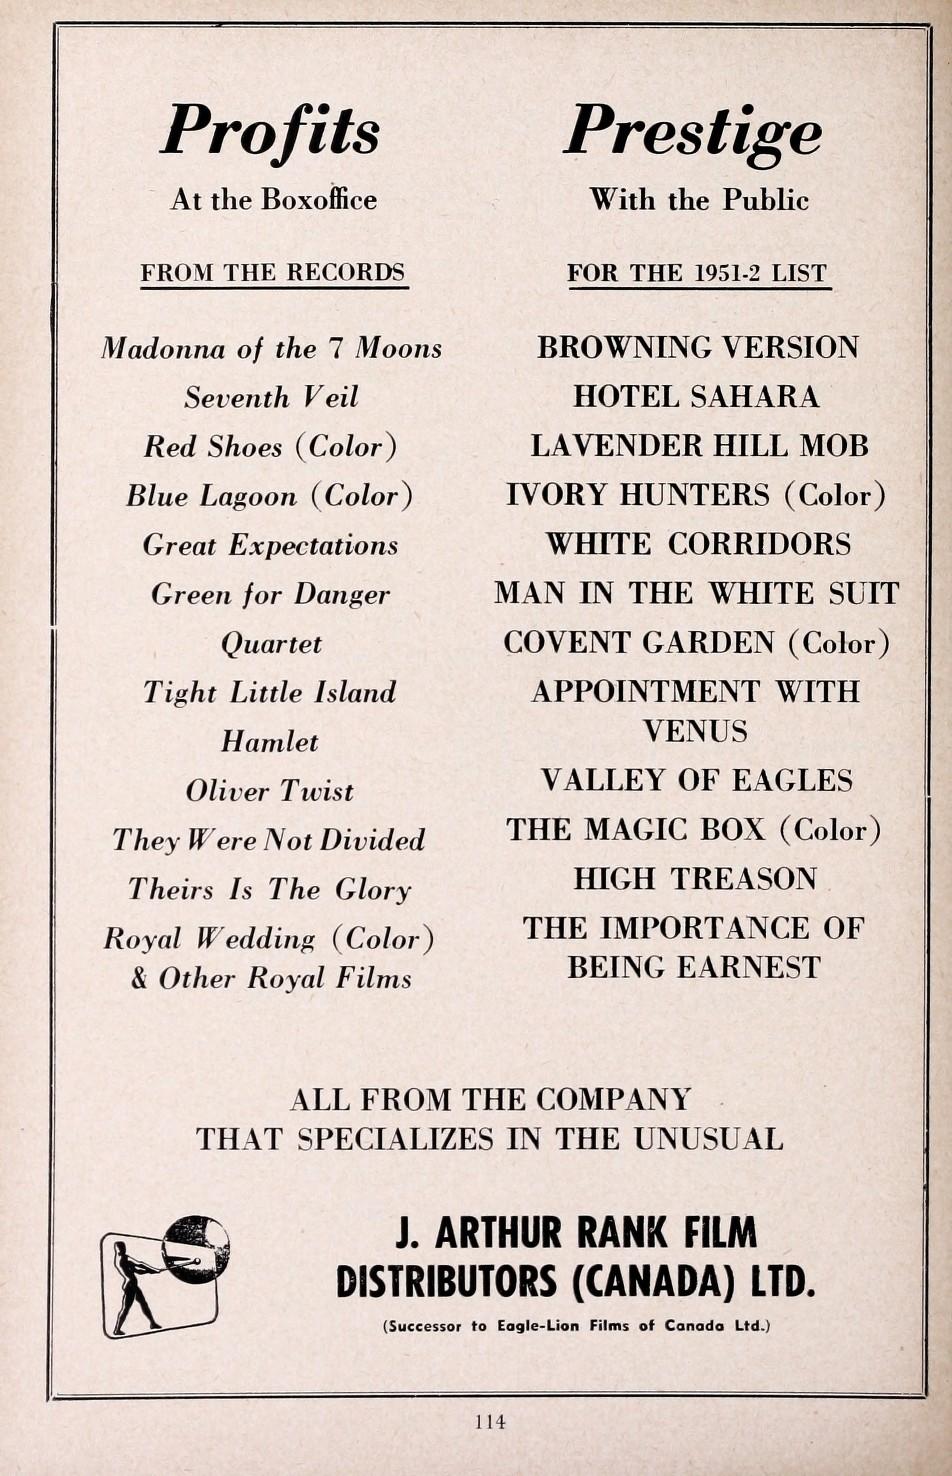 1951yearbookcana00film_jp2.zip&file=1951yearbookcana00film_jp2%2f1951yearbookcana00film_0116